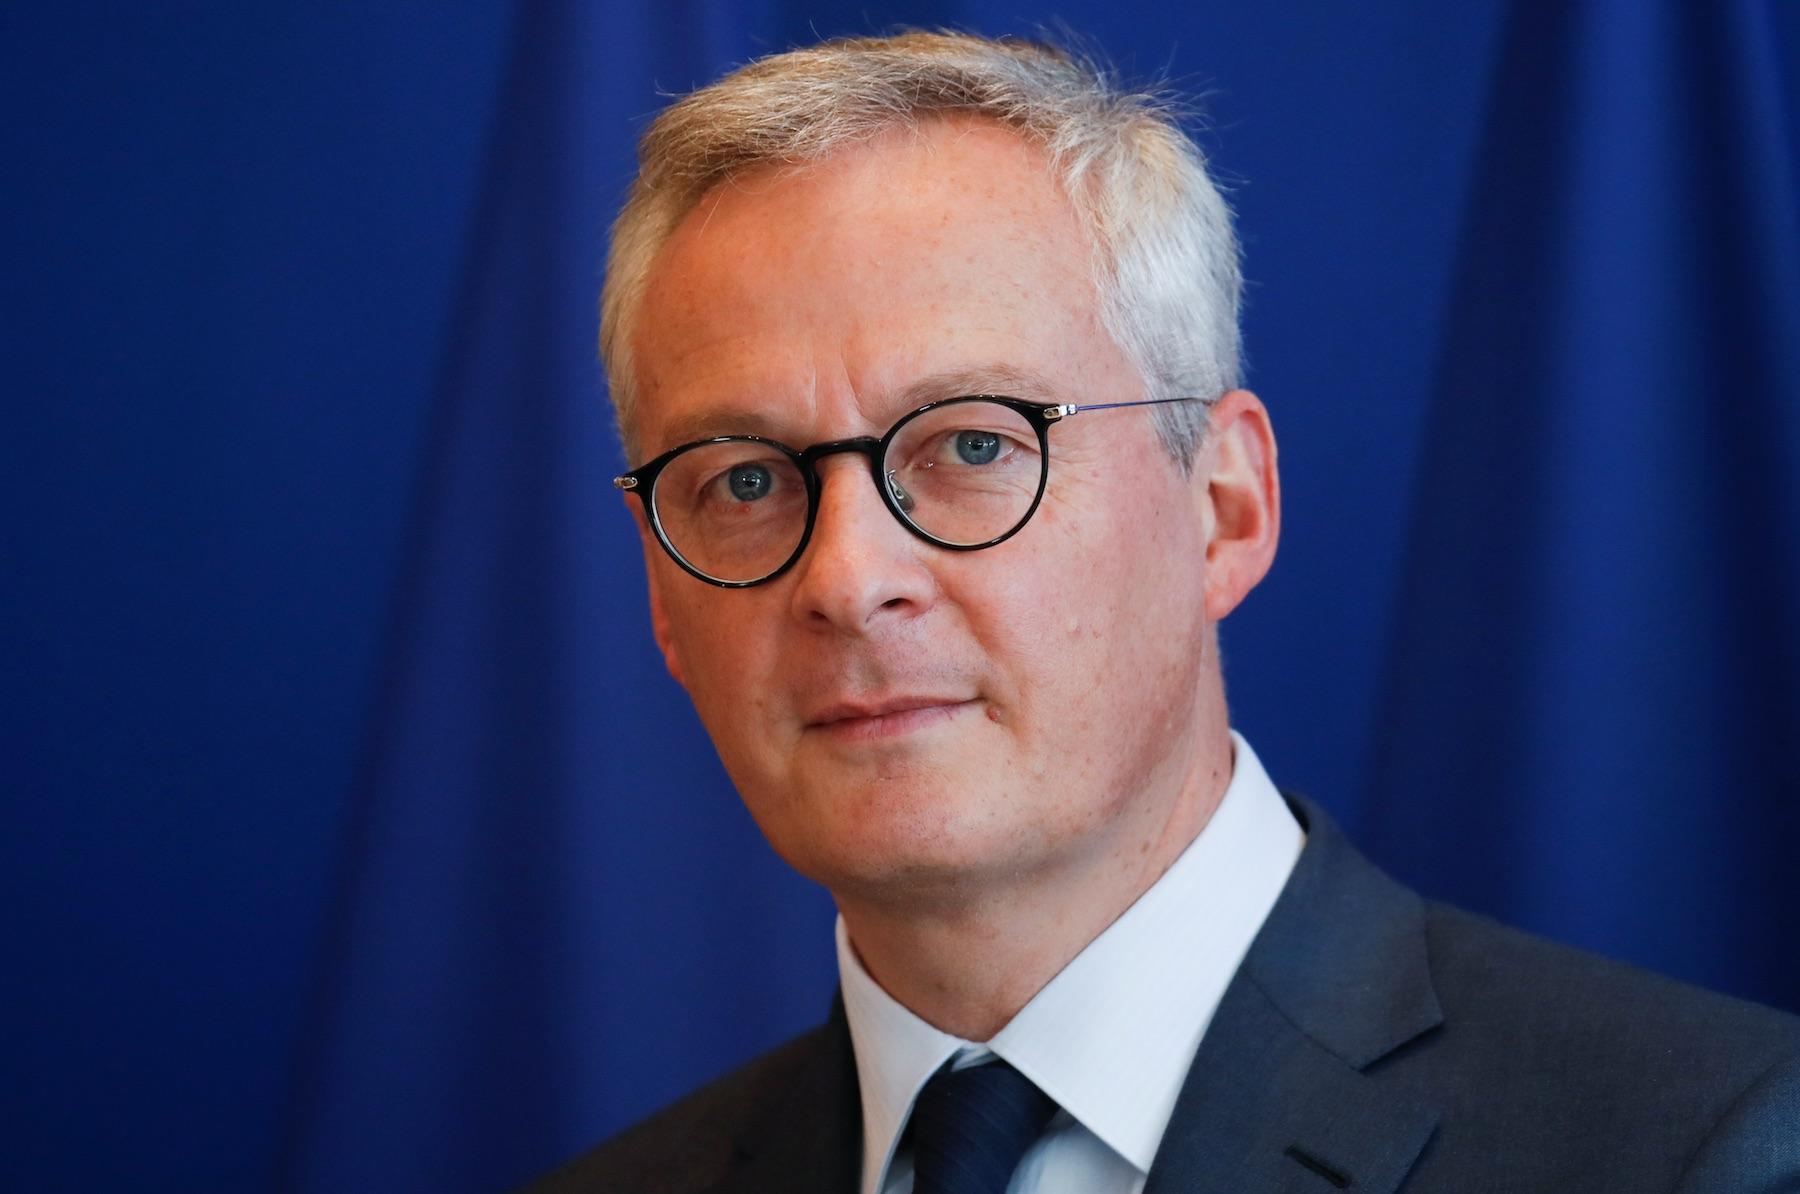 Baisse du Livret A à 0,50% en février 2020 : Bruno Le Maire défend le choix du gouvernement